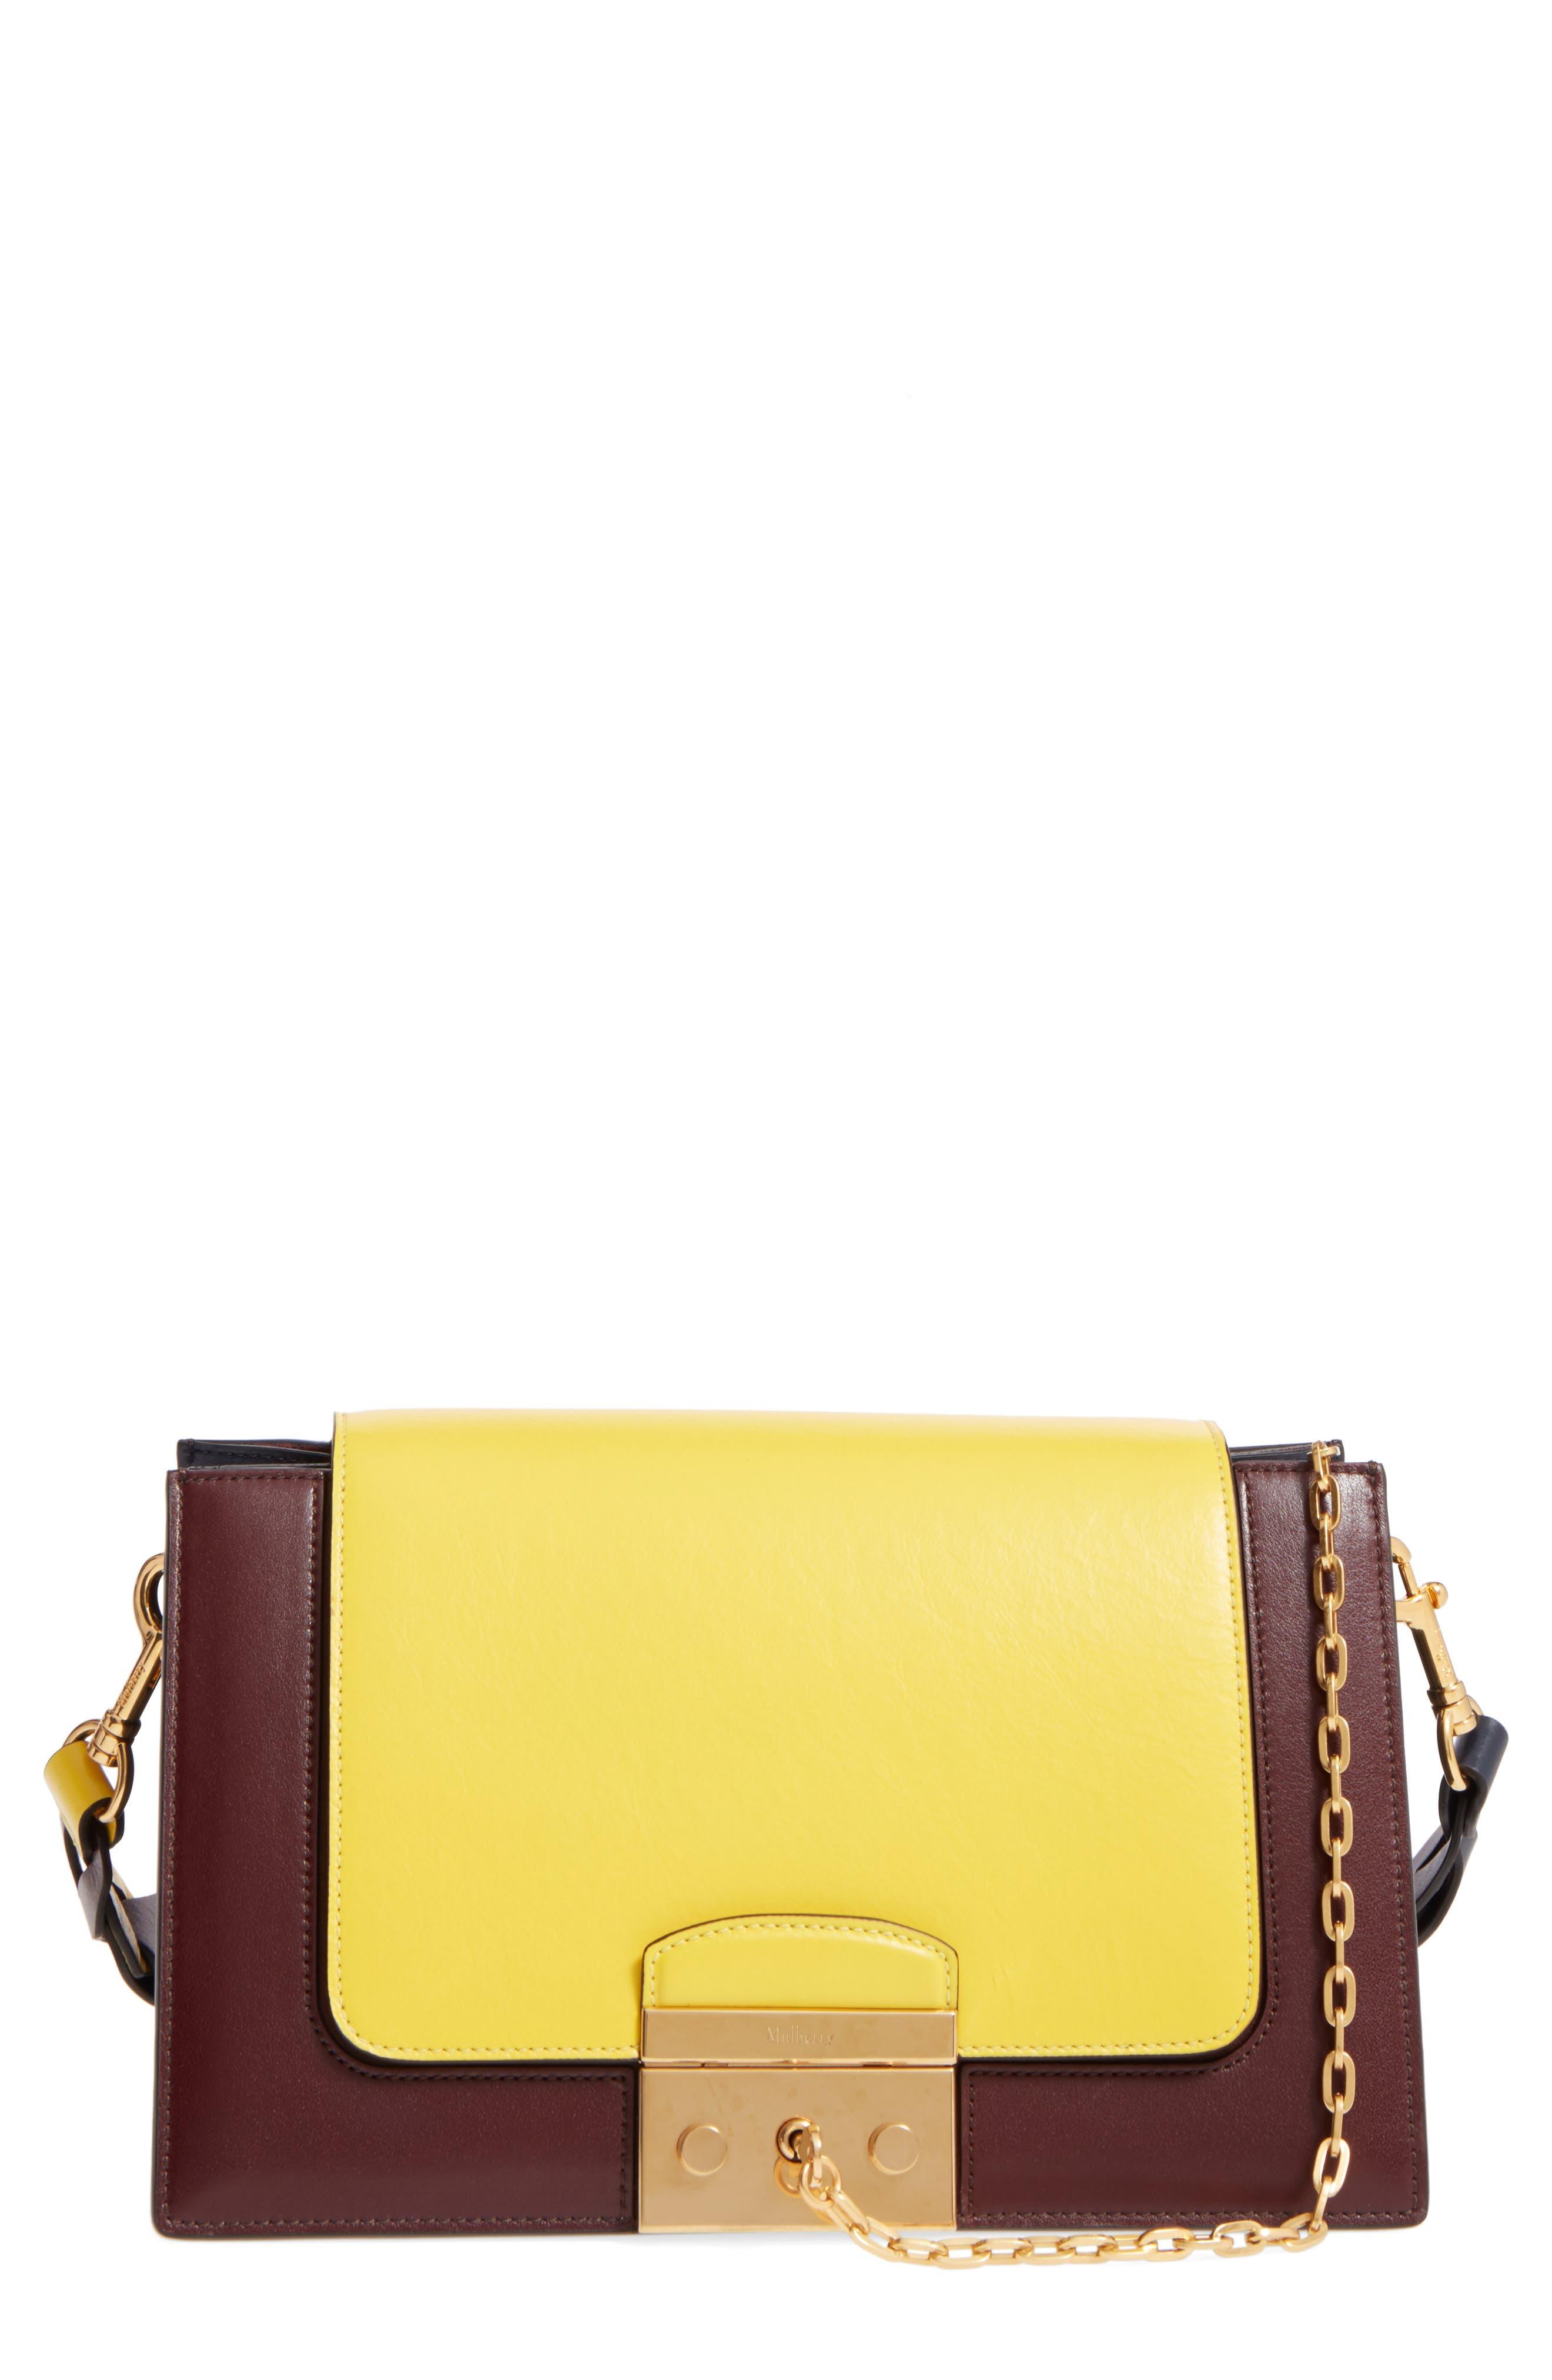 Main Image - Mulberry Pembroke Color Block Leather Shoulder Bag